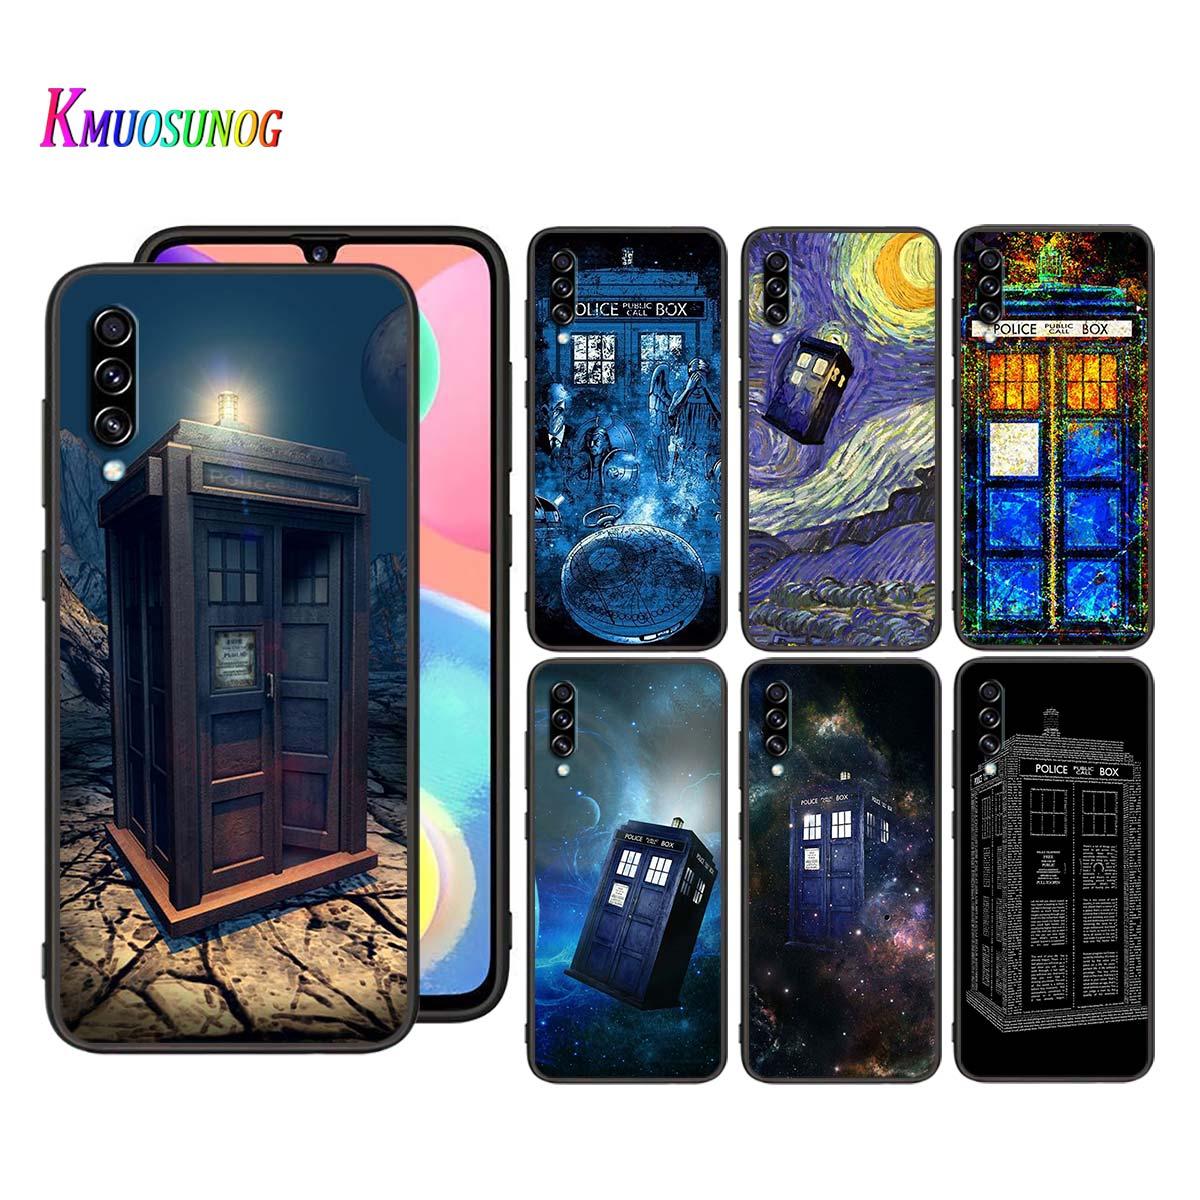 Caixa Tardis Doctor Who para Samsung Galaxy A90 5G A80 A70S A70 A60 A50S A40 A30 A20E A20 A20S A10S A10 Caso de Telefone Preto